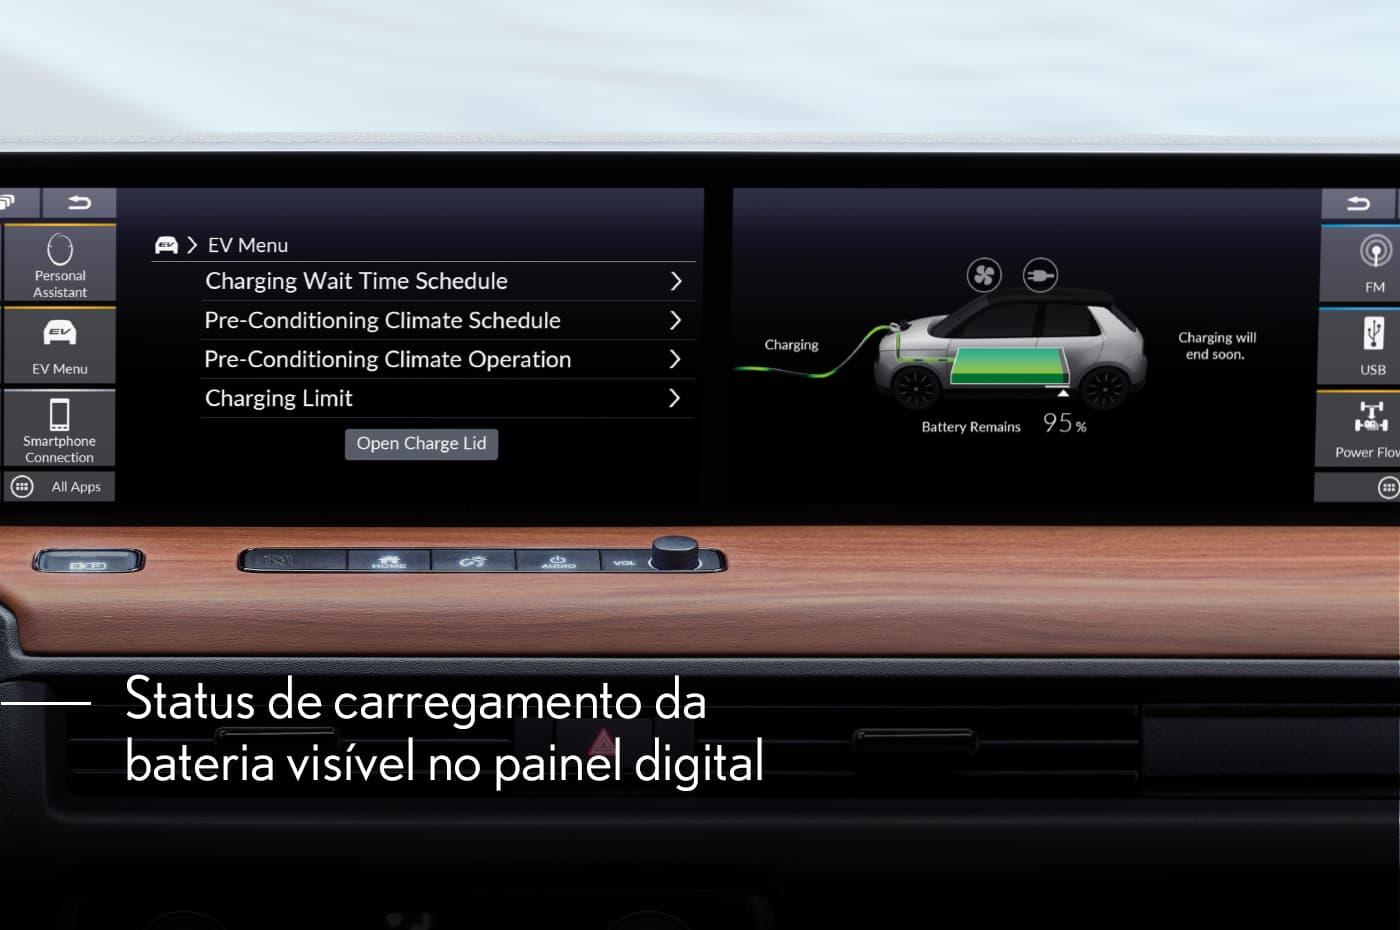 Status de carregamento da bateria visível no painel digital